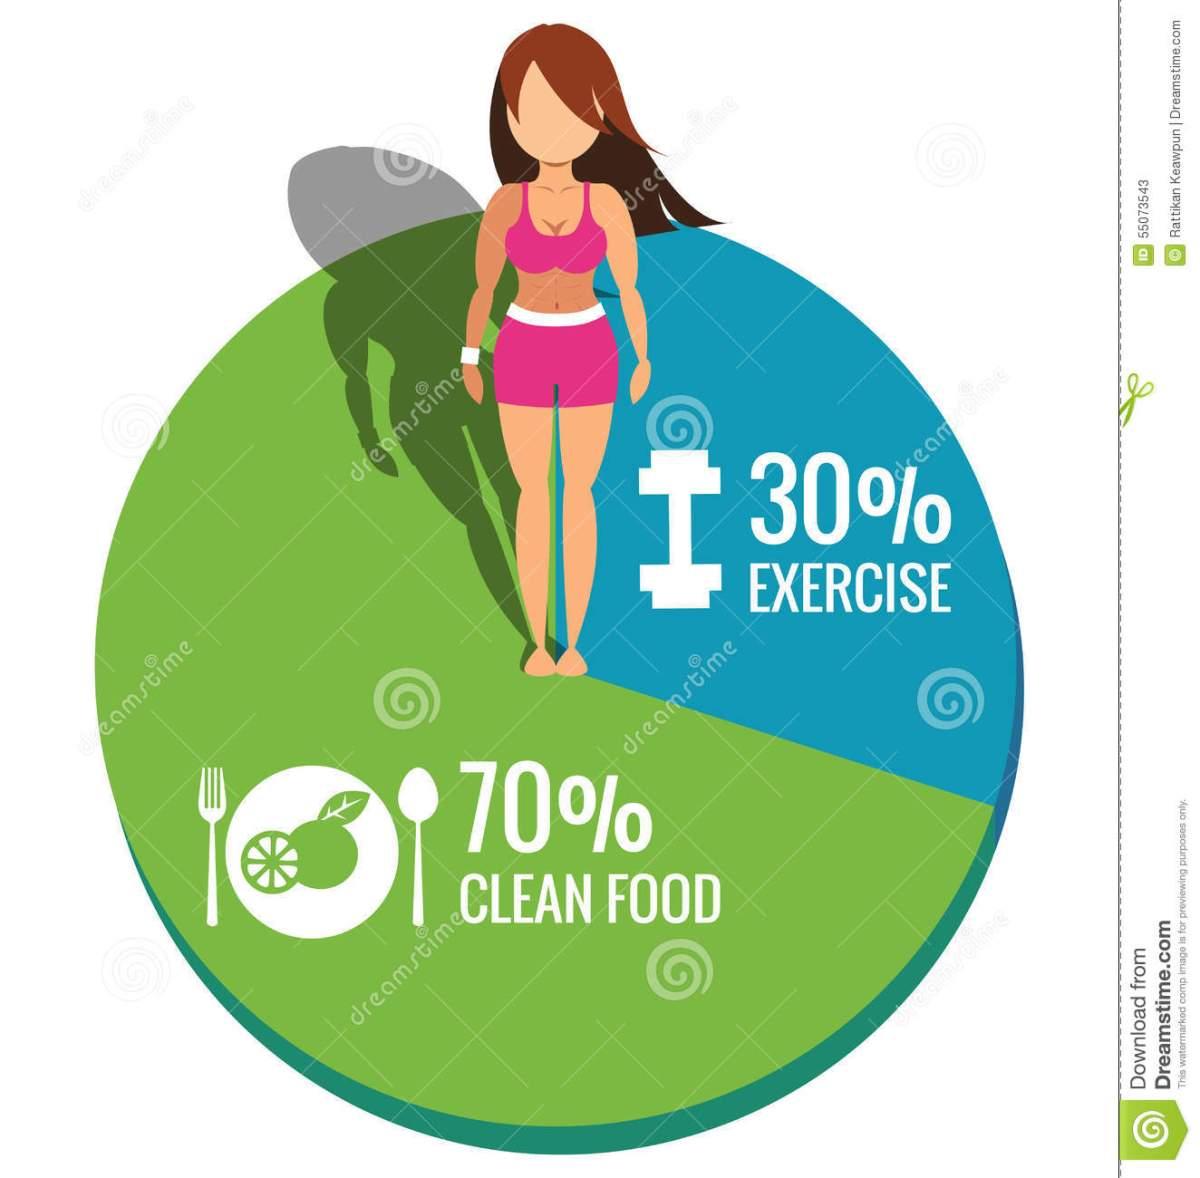 Eating vs. Exercise